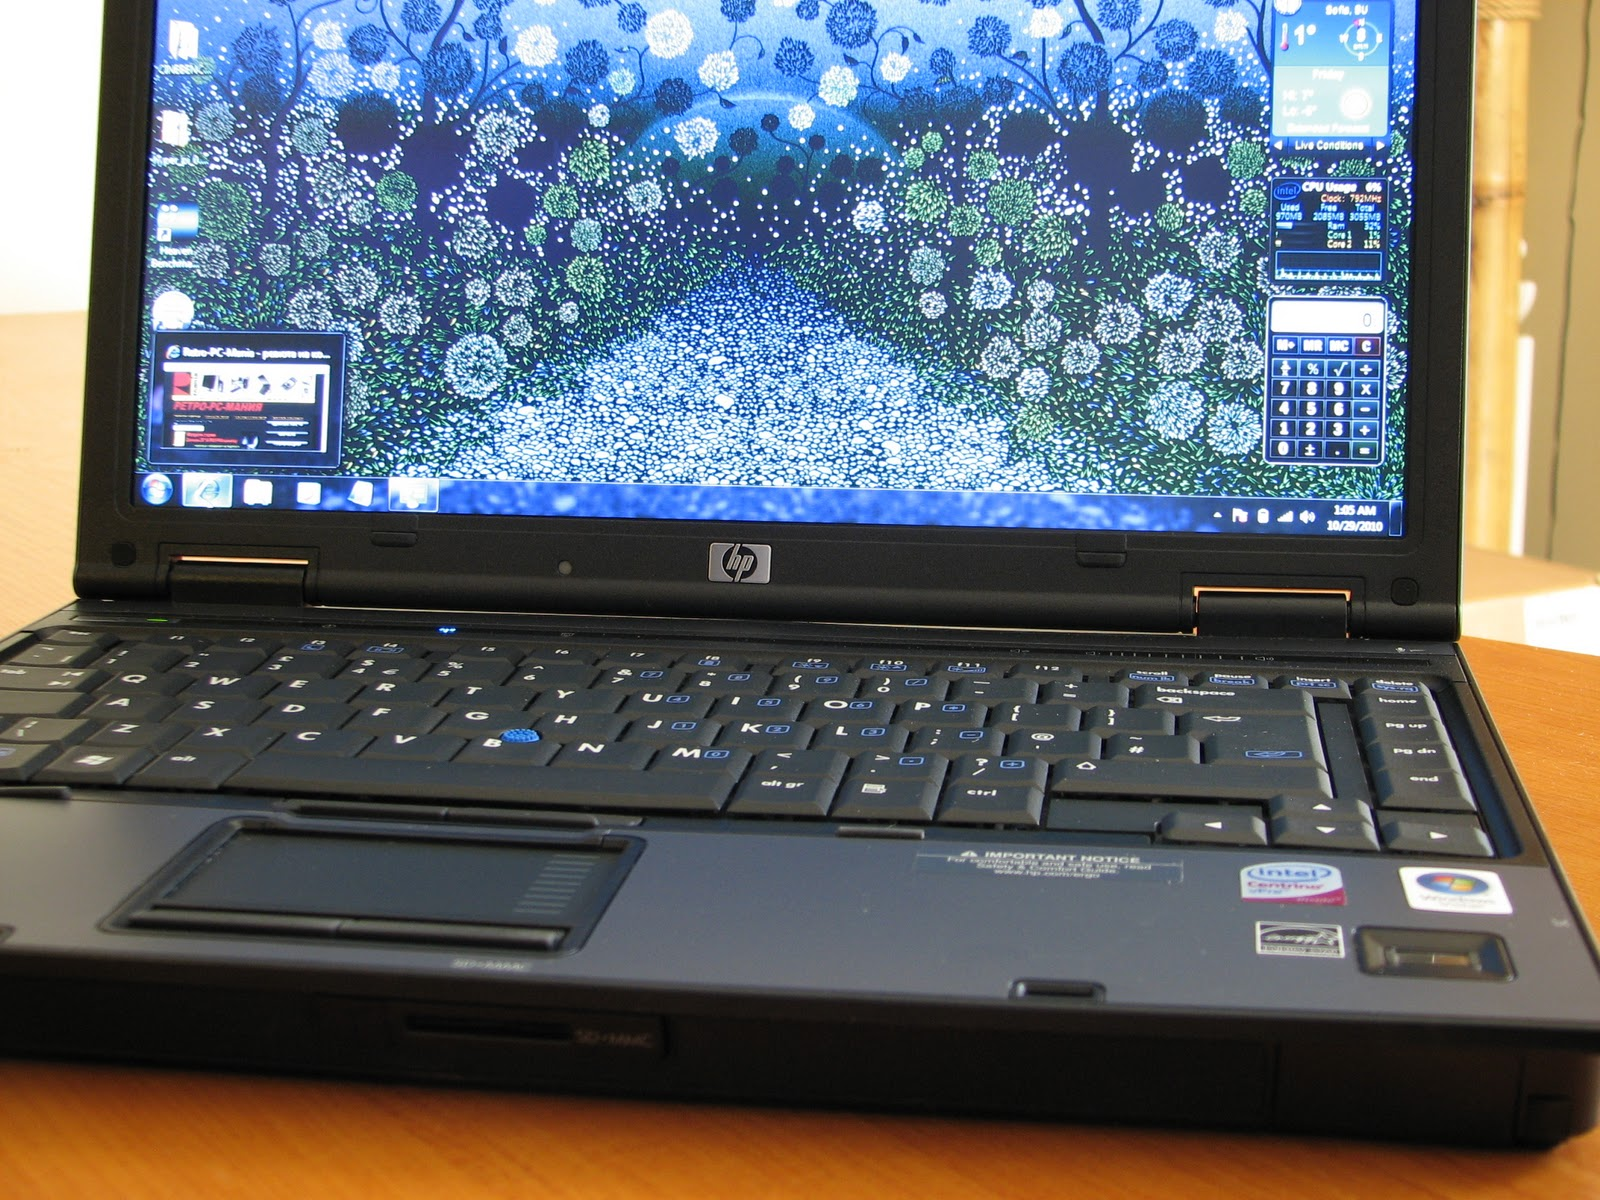 hp compaq 6910p drivers windows 10 64 bit